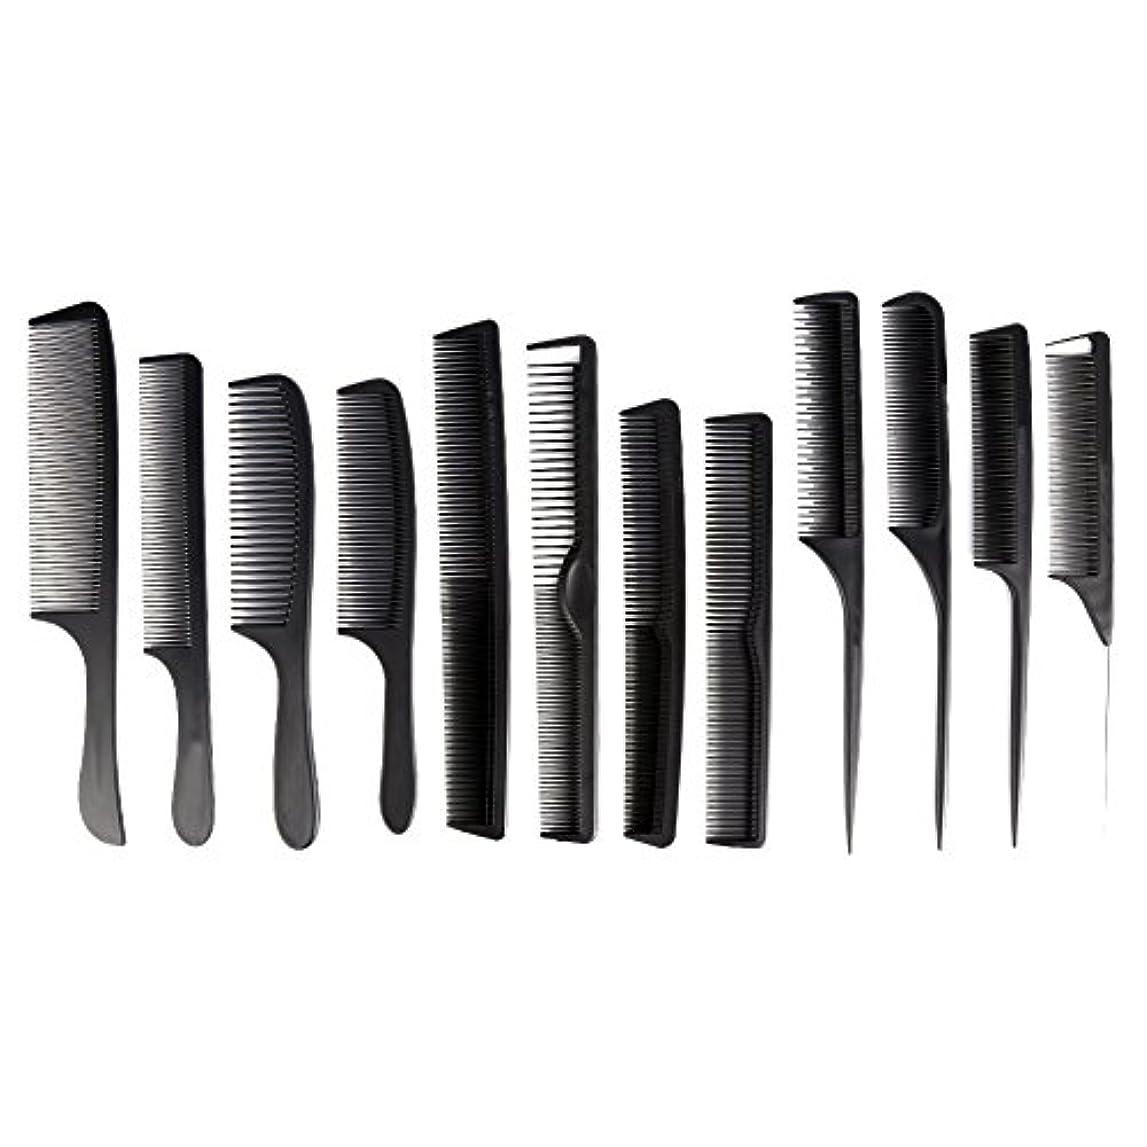 属性ギャザー濃度カットコーム 散髪用コーム コームセット12点セット プロ用ヘアコーム  静電気減少 軽量 サロン/美容室/床屋など適用